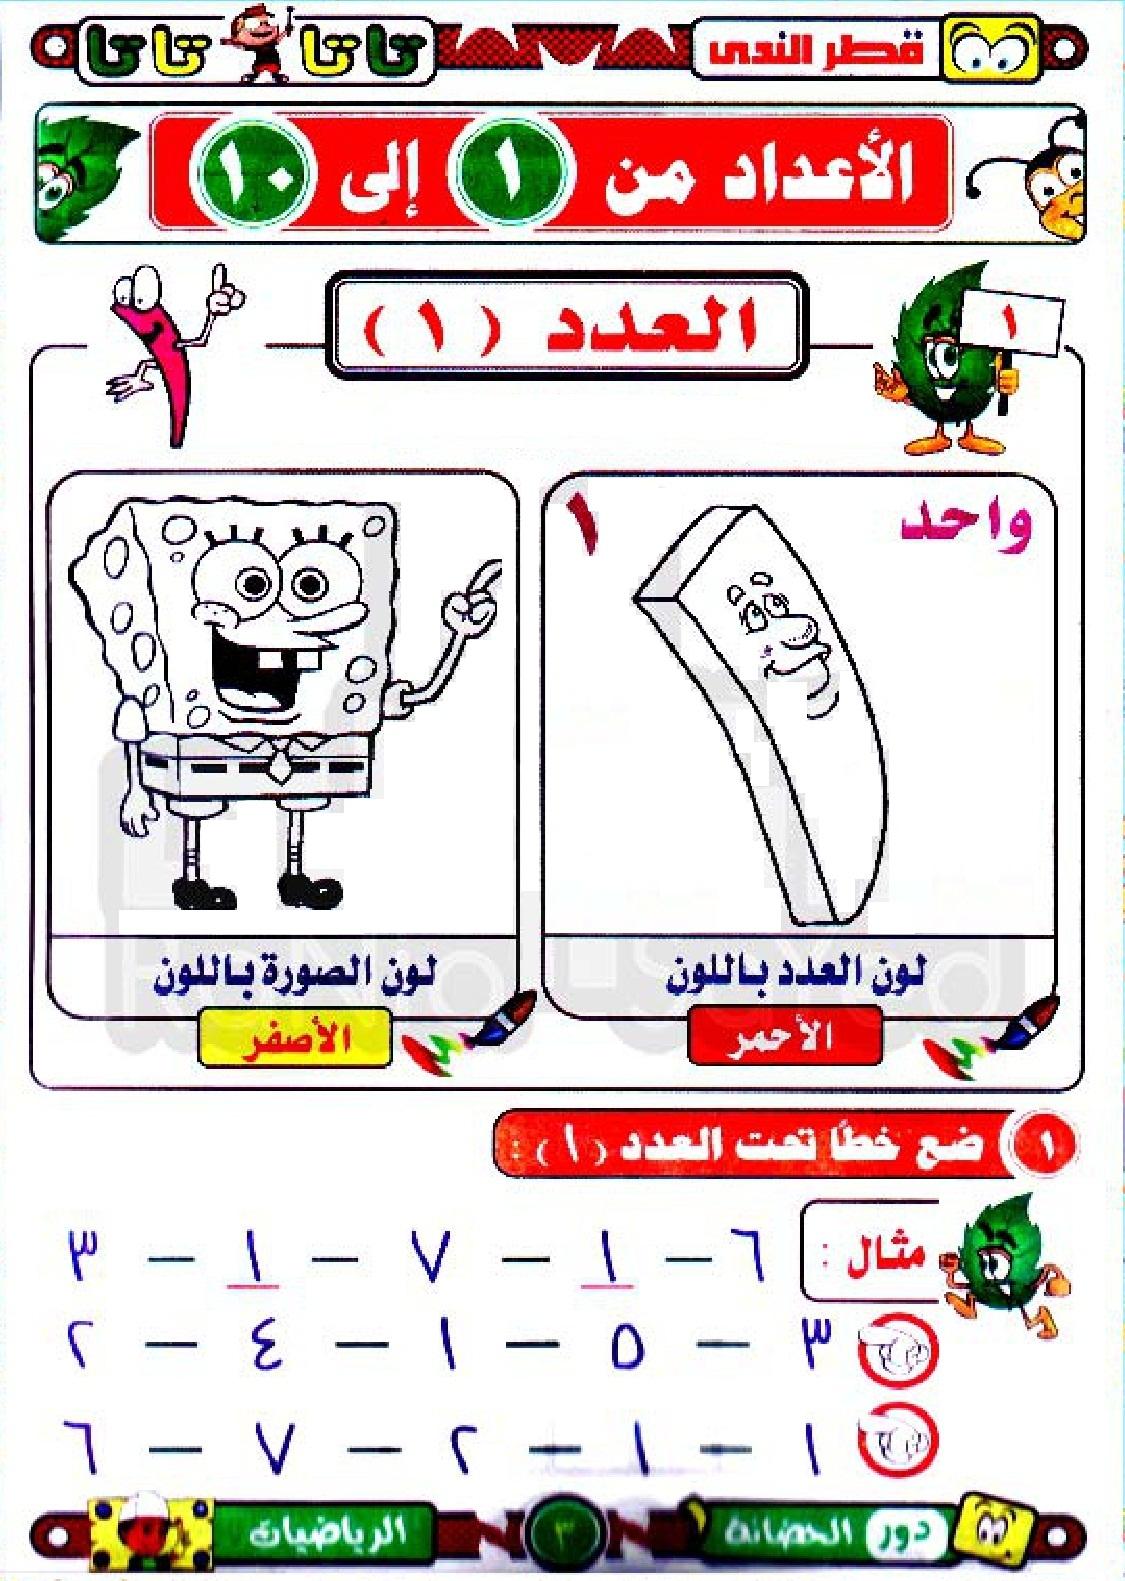 كتاب قطر الندى رياضيات -تاتا حساب كى جى 1 حضانة KG1 كامل للتحميل Aoo_a_10